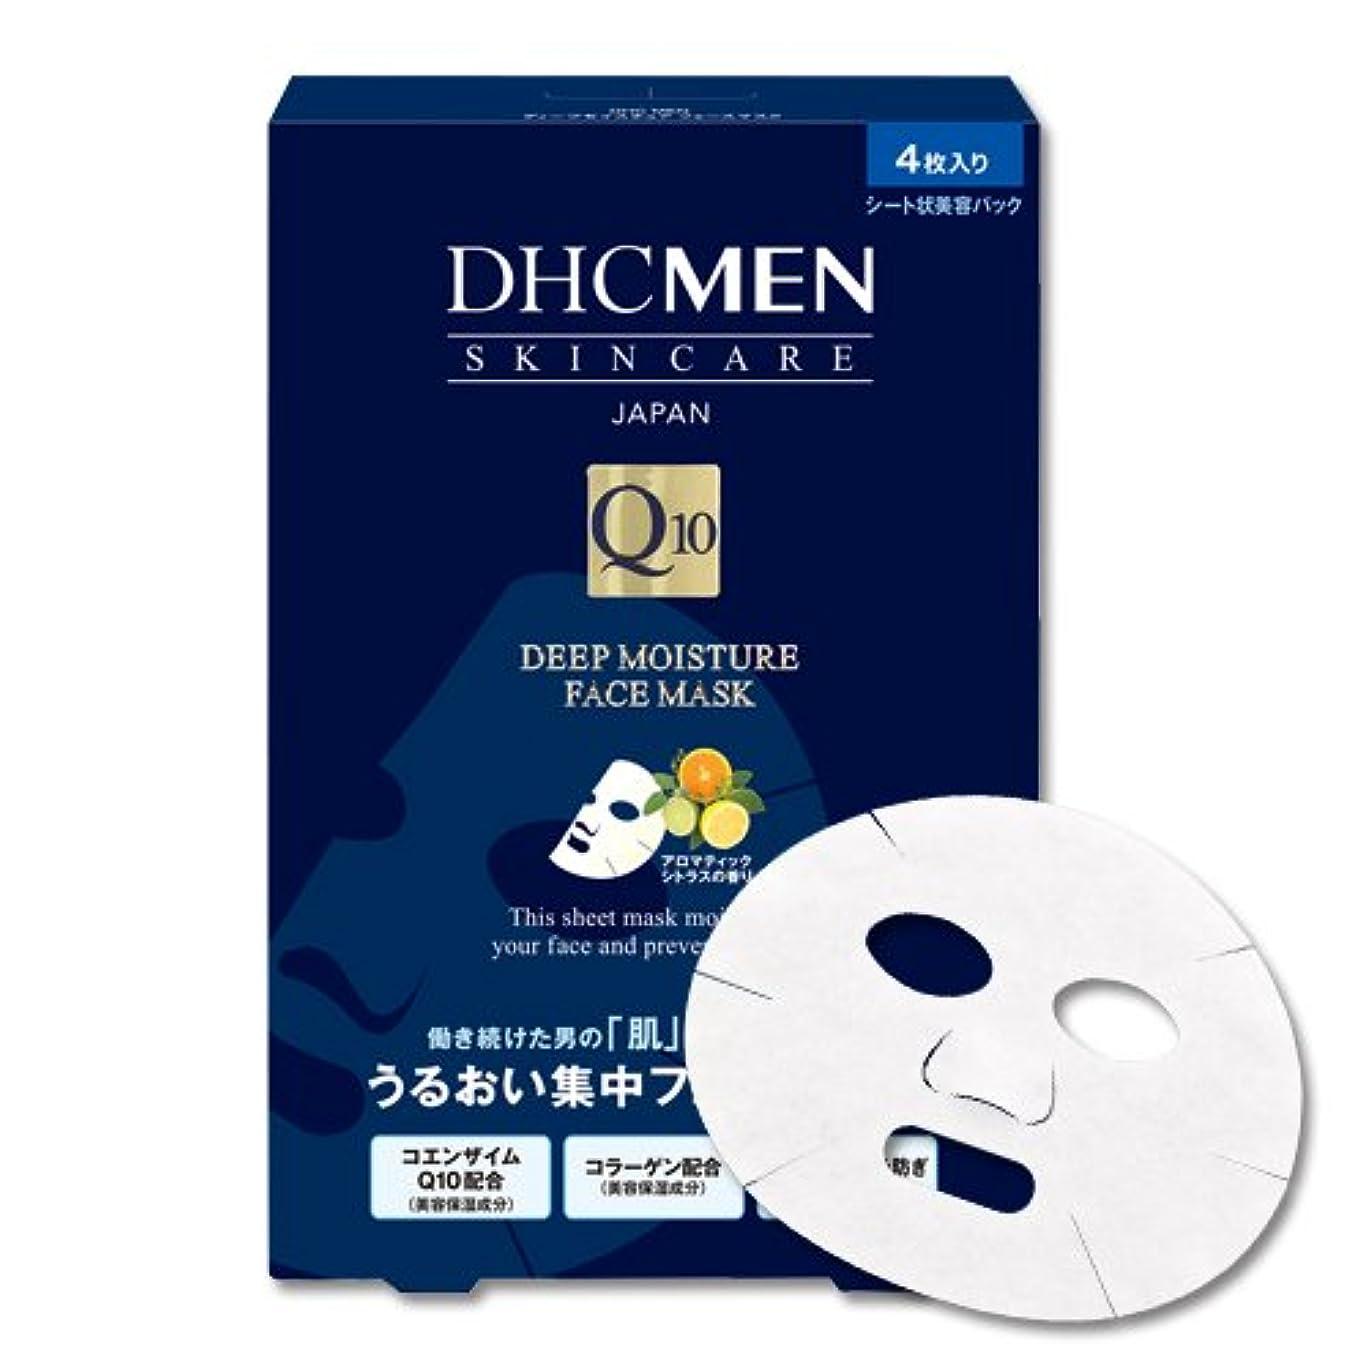 現像役に立たない高揚したDHC MEN ディープモイスチュア フェースマスク